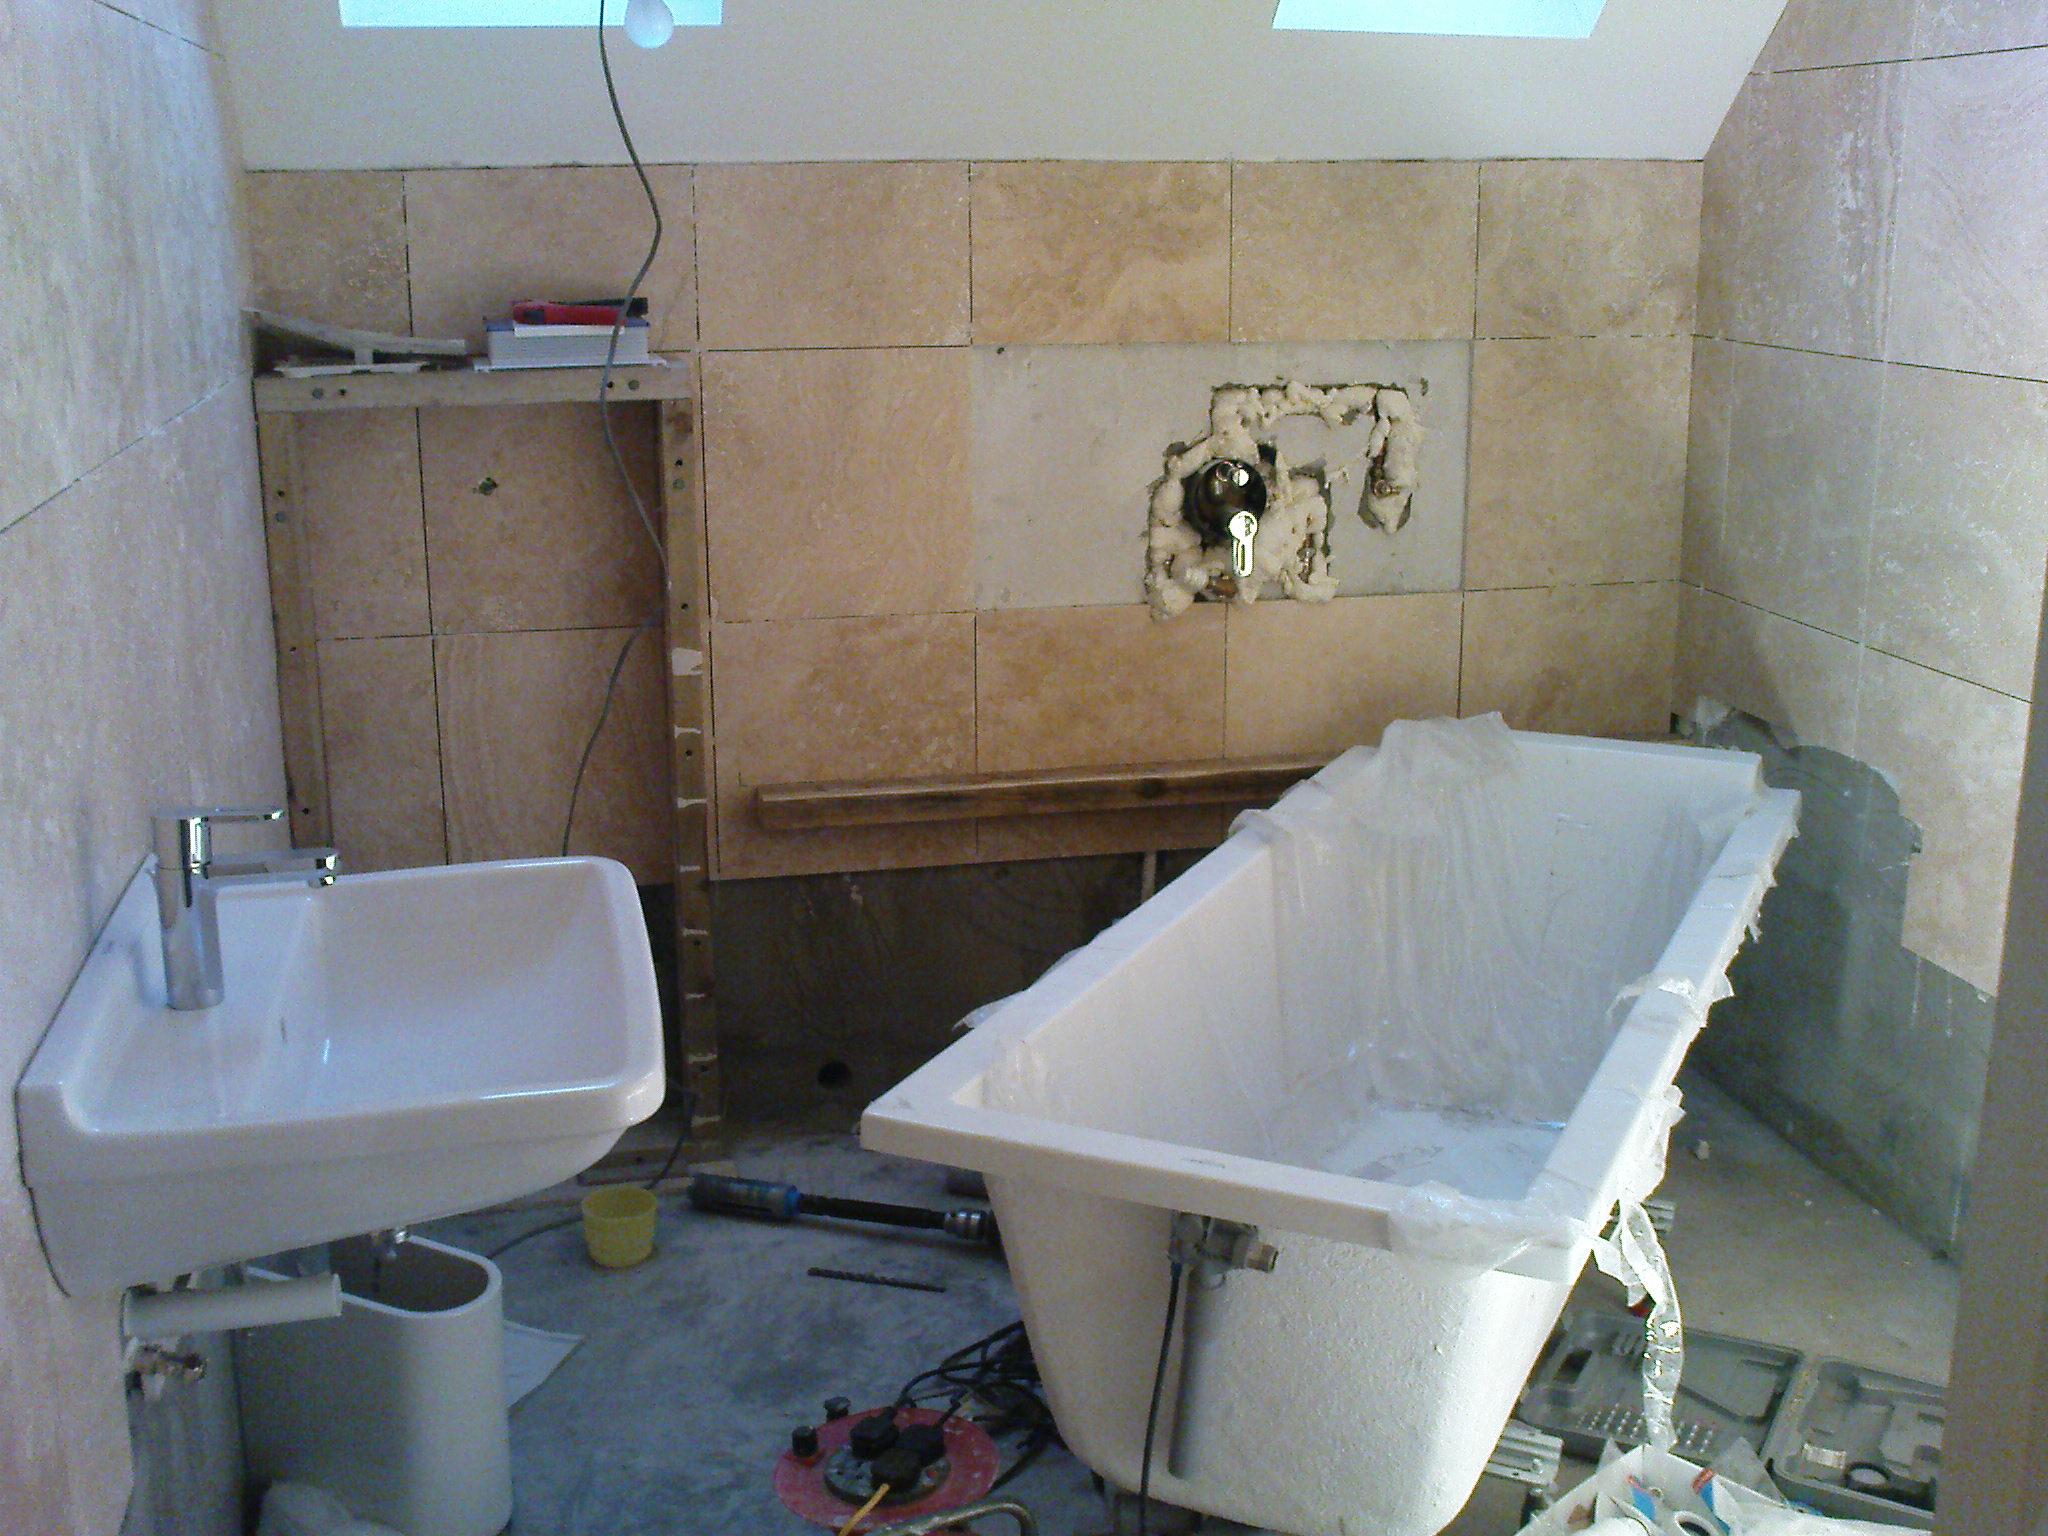 Étapes de réparation de salle de bain